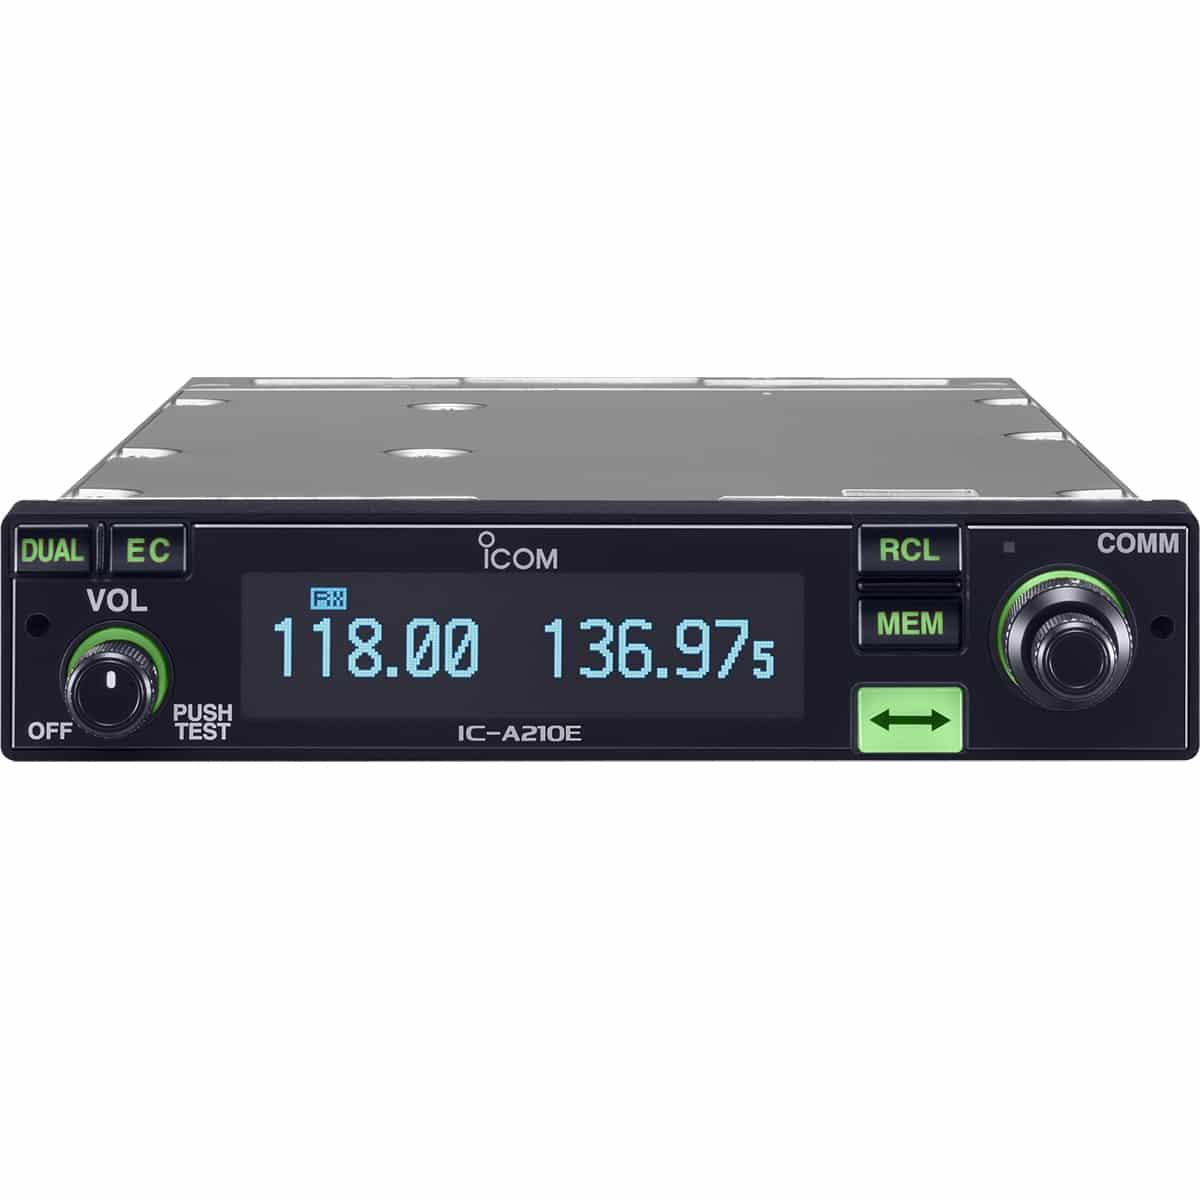 Бордова авиационна радиостанция ICOM IC-A210E се спира от производство   Integra-a